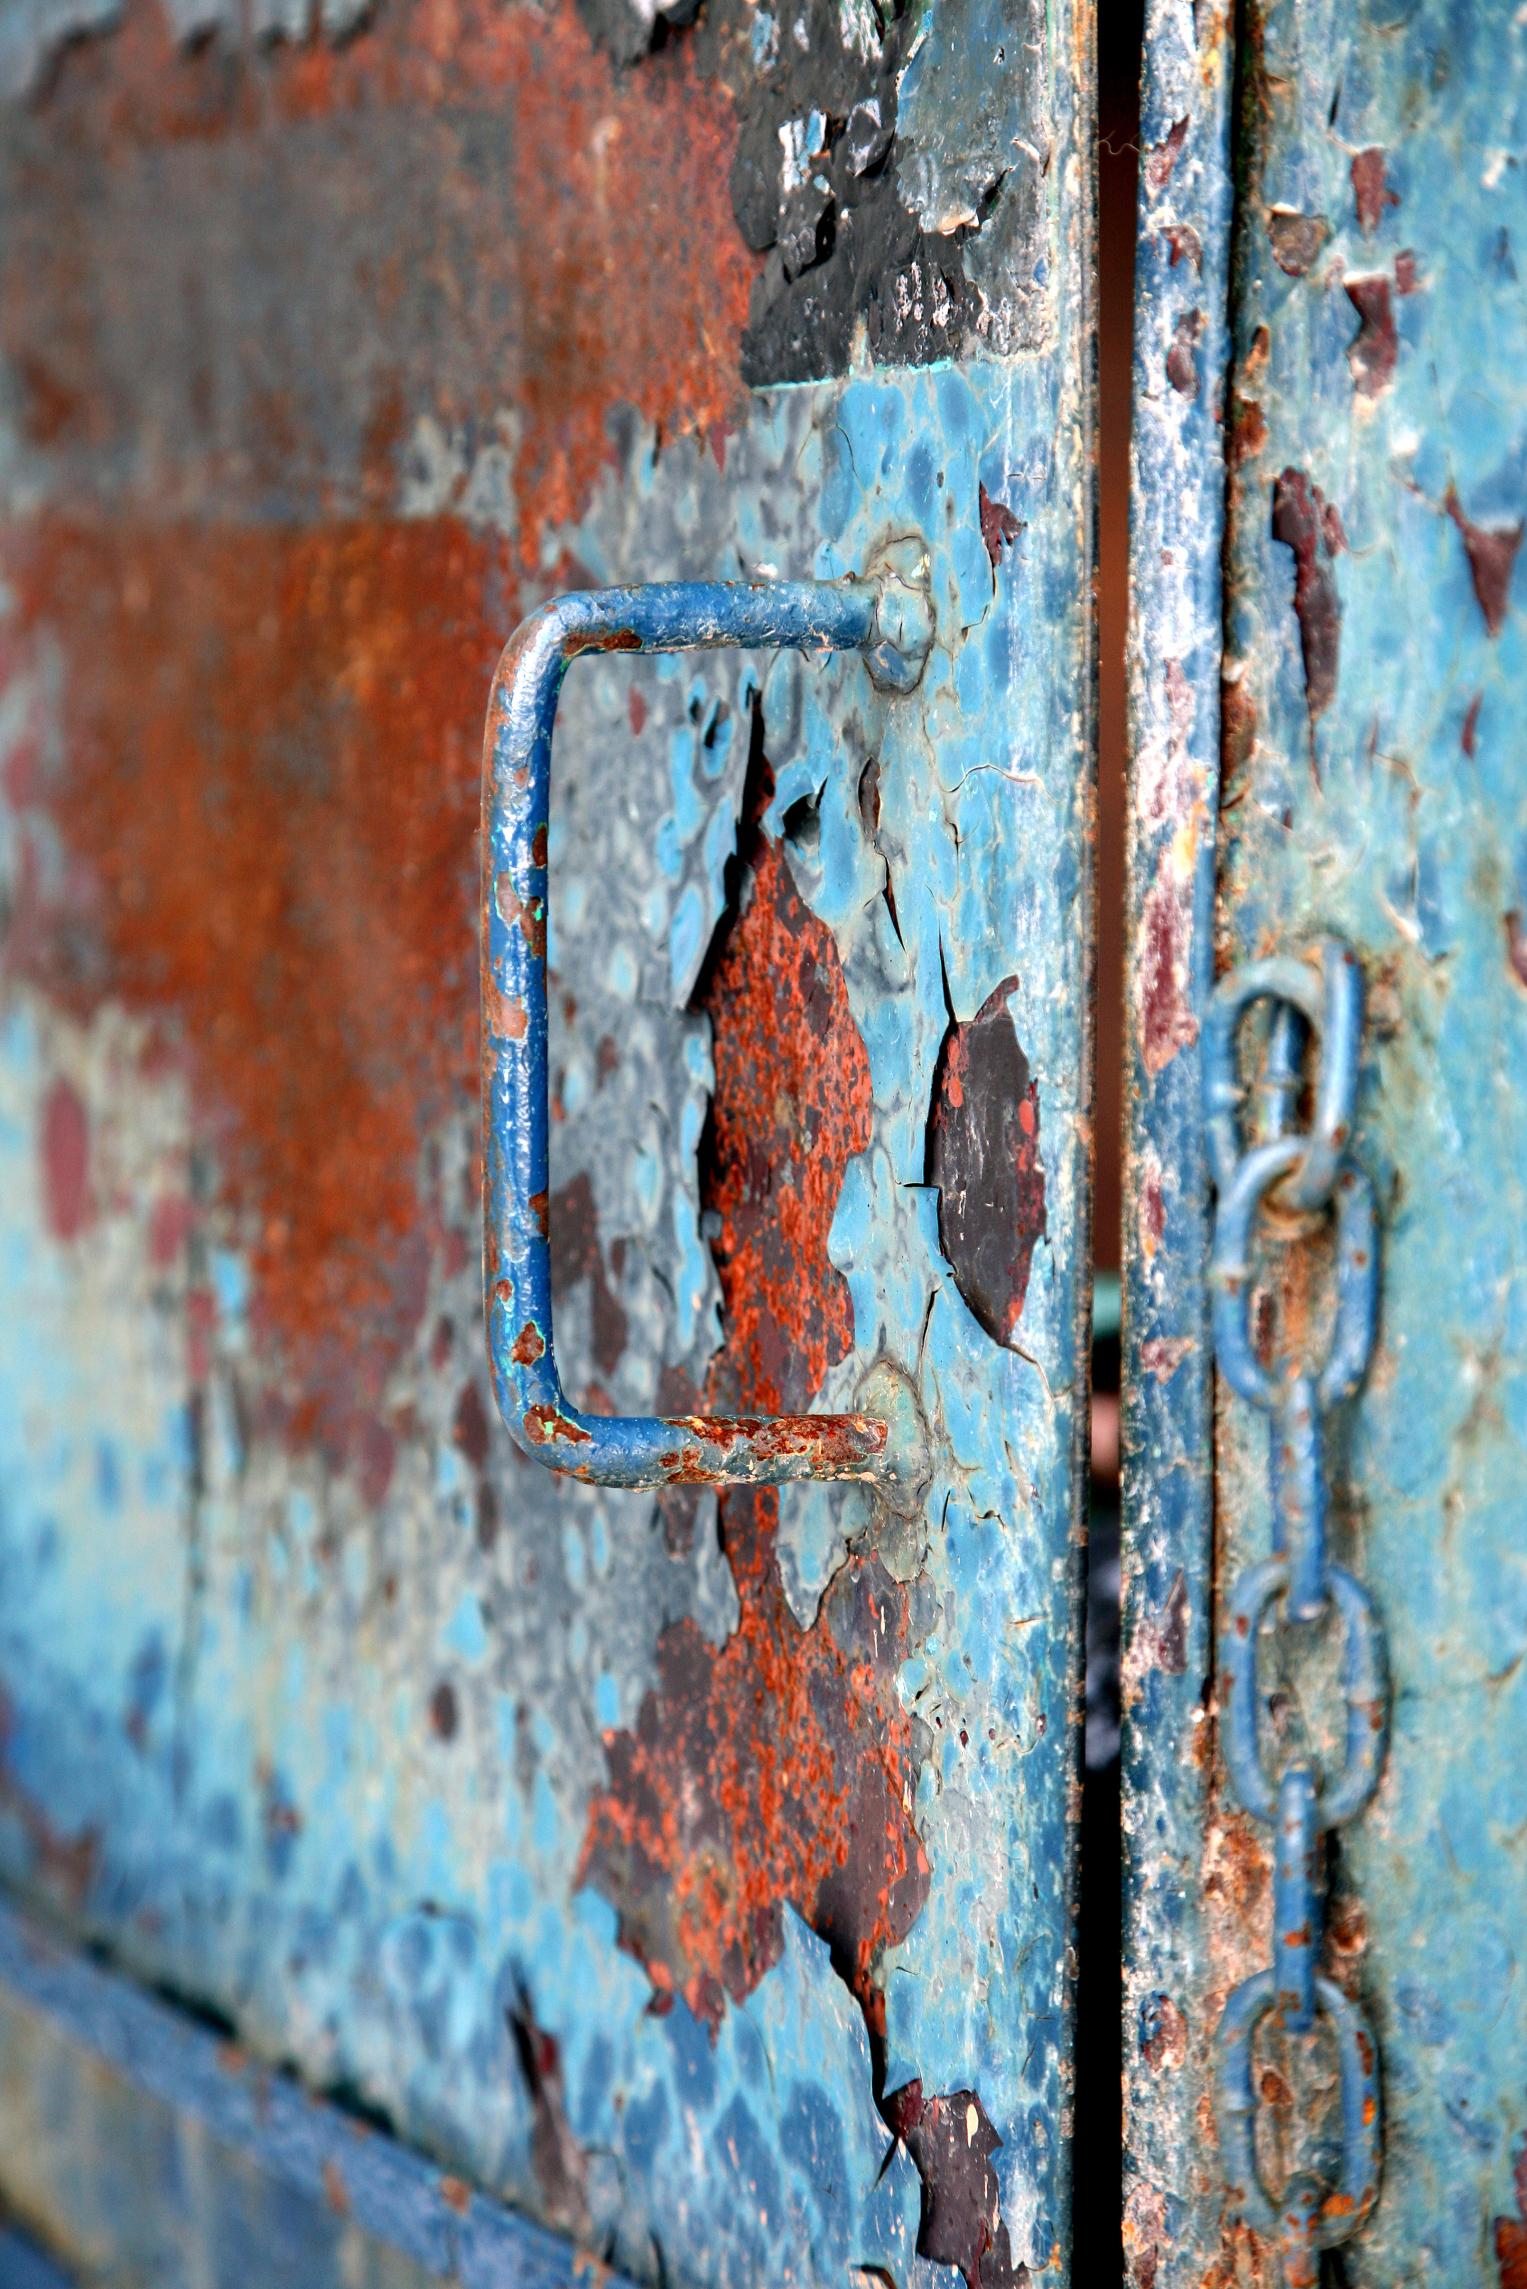 Cómo remover el oxido de una puerta de metal exterior |